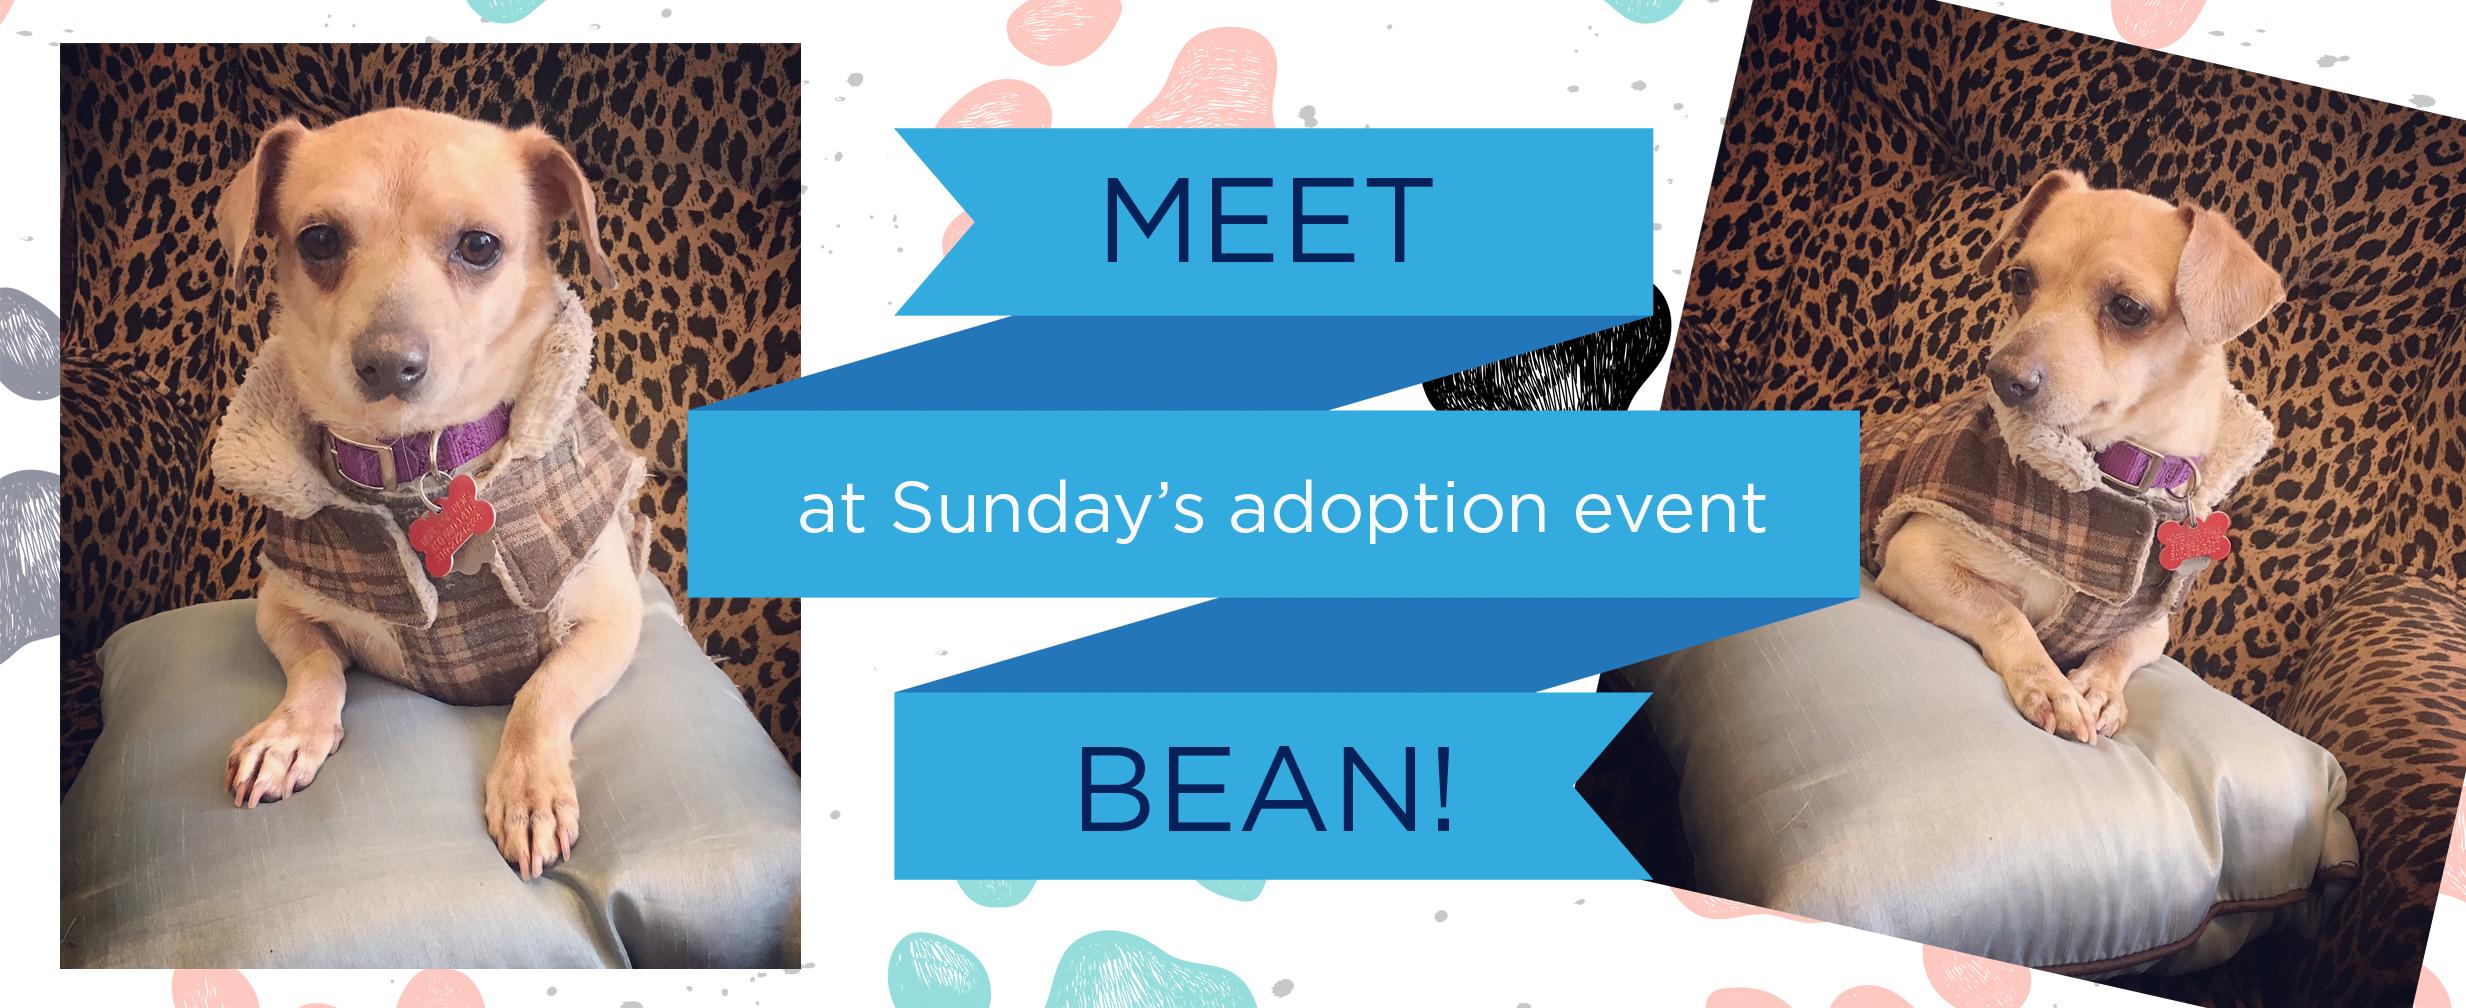 Meet Bean!